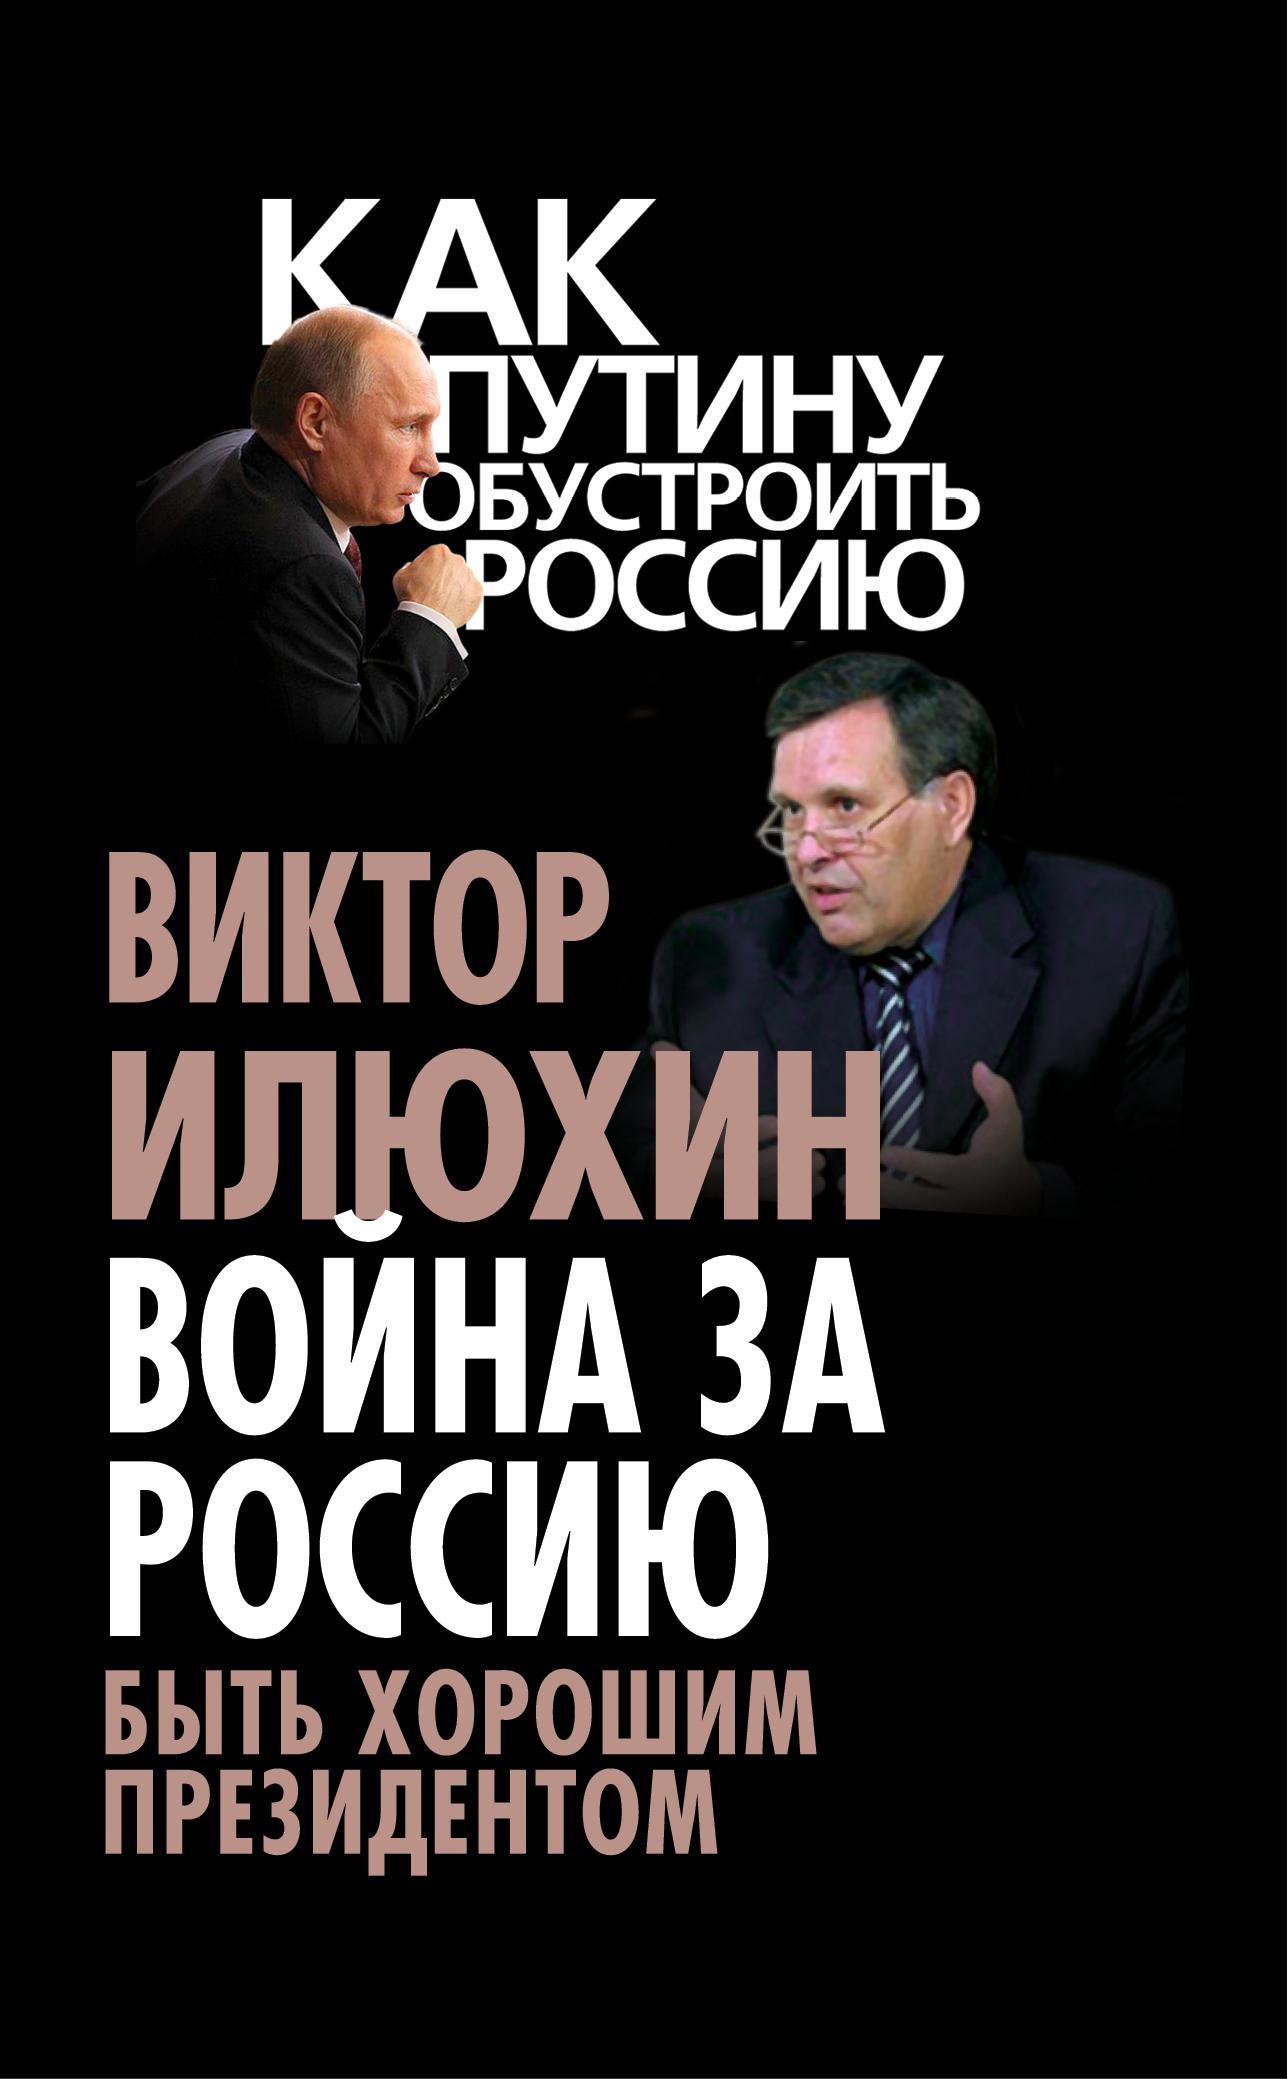 Скачать Книгу Илюхина Путин. Правда Которую Лучше Не Знать